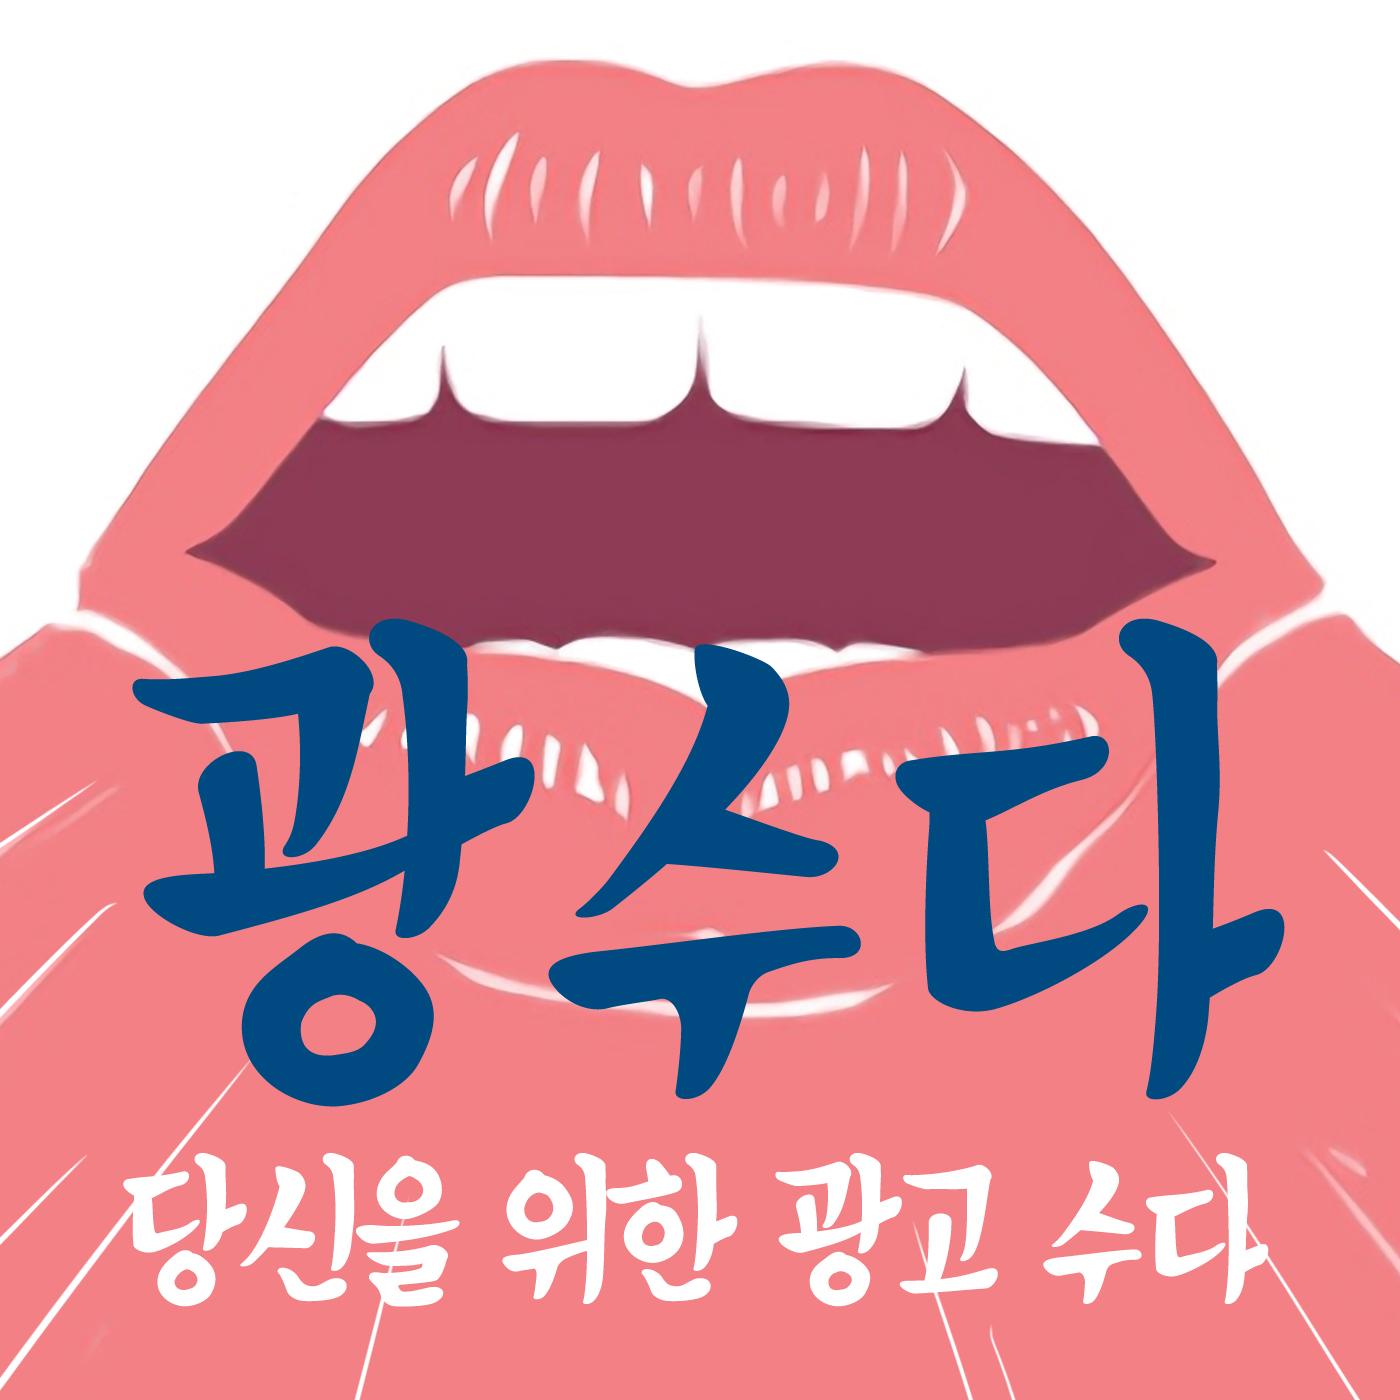 [광수다] 당신을 위한 광고 수다